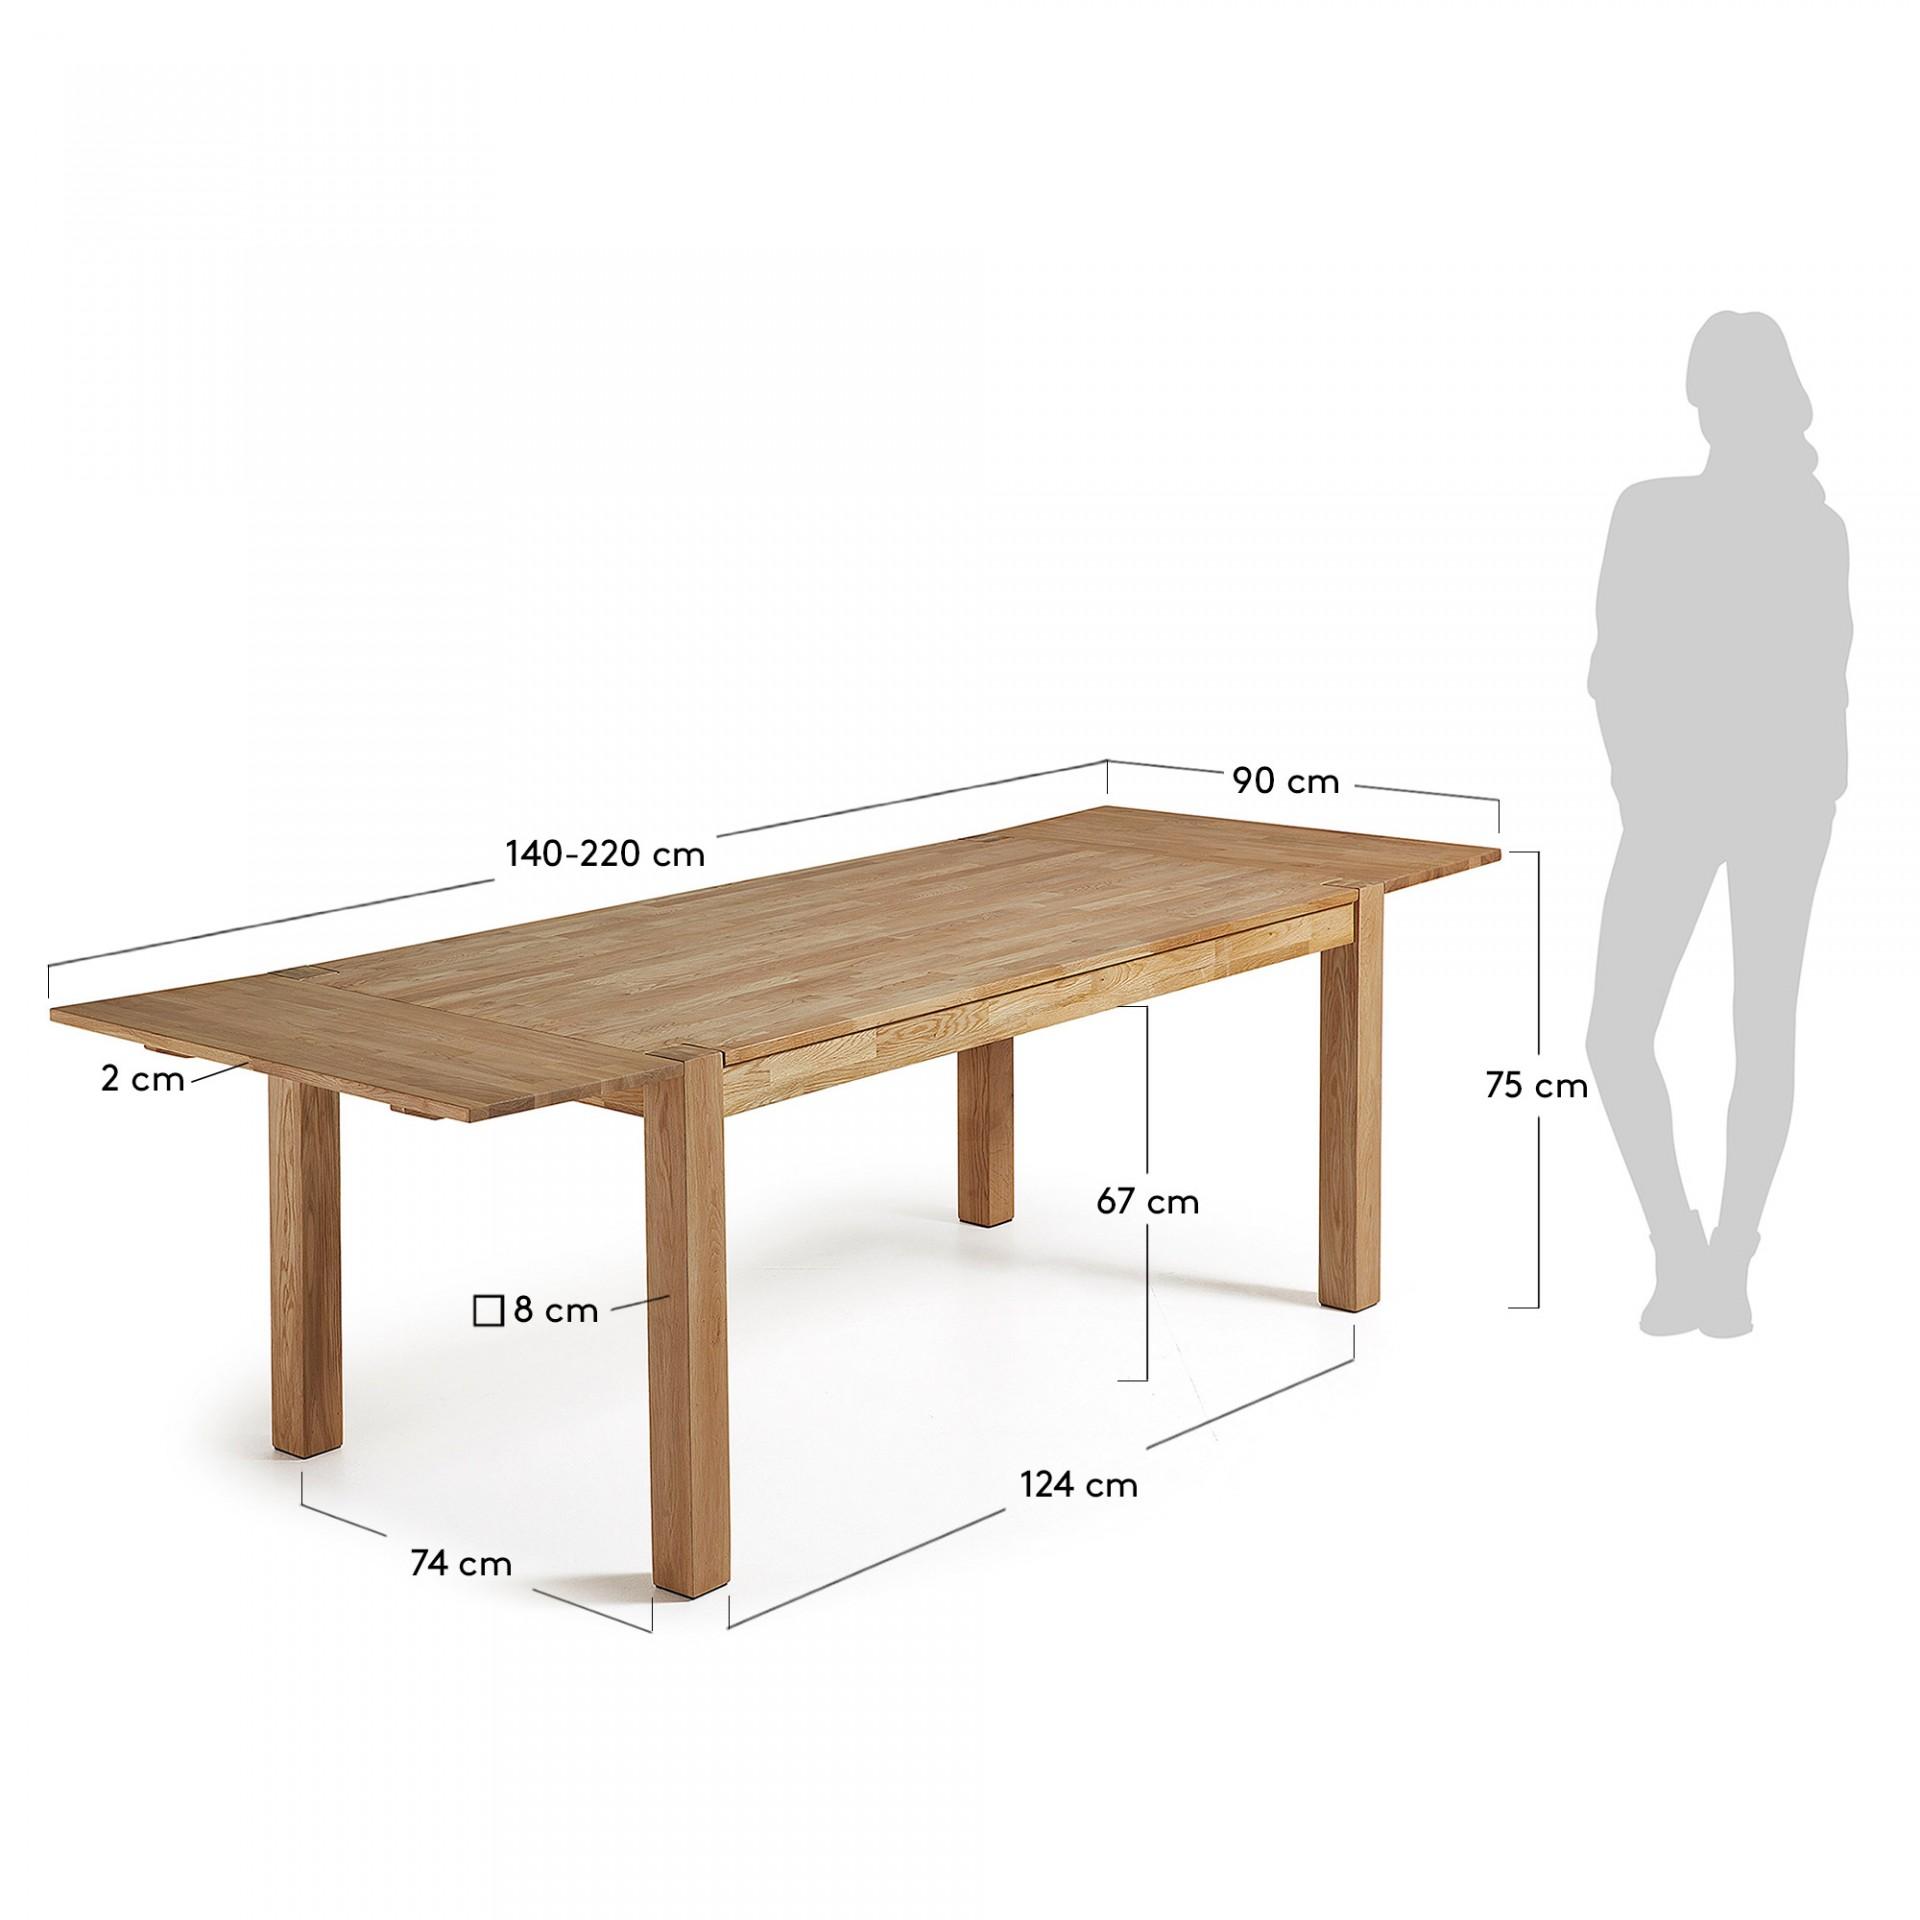 Mesa extensível Isel, madeira de carvalho, 140(220)x90